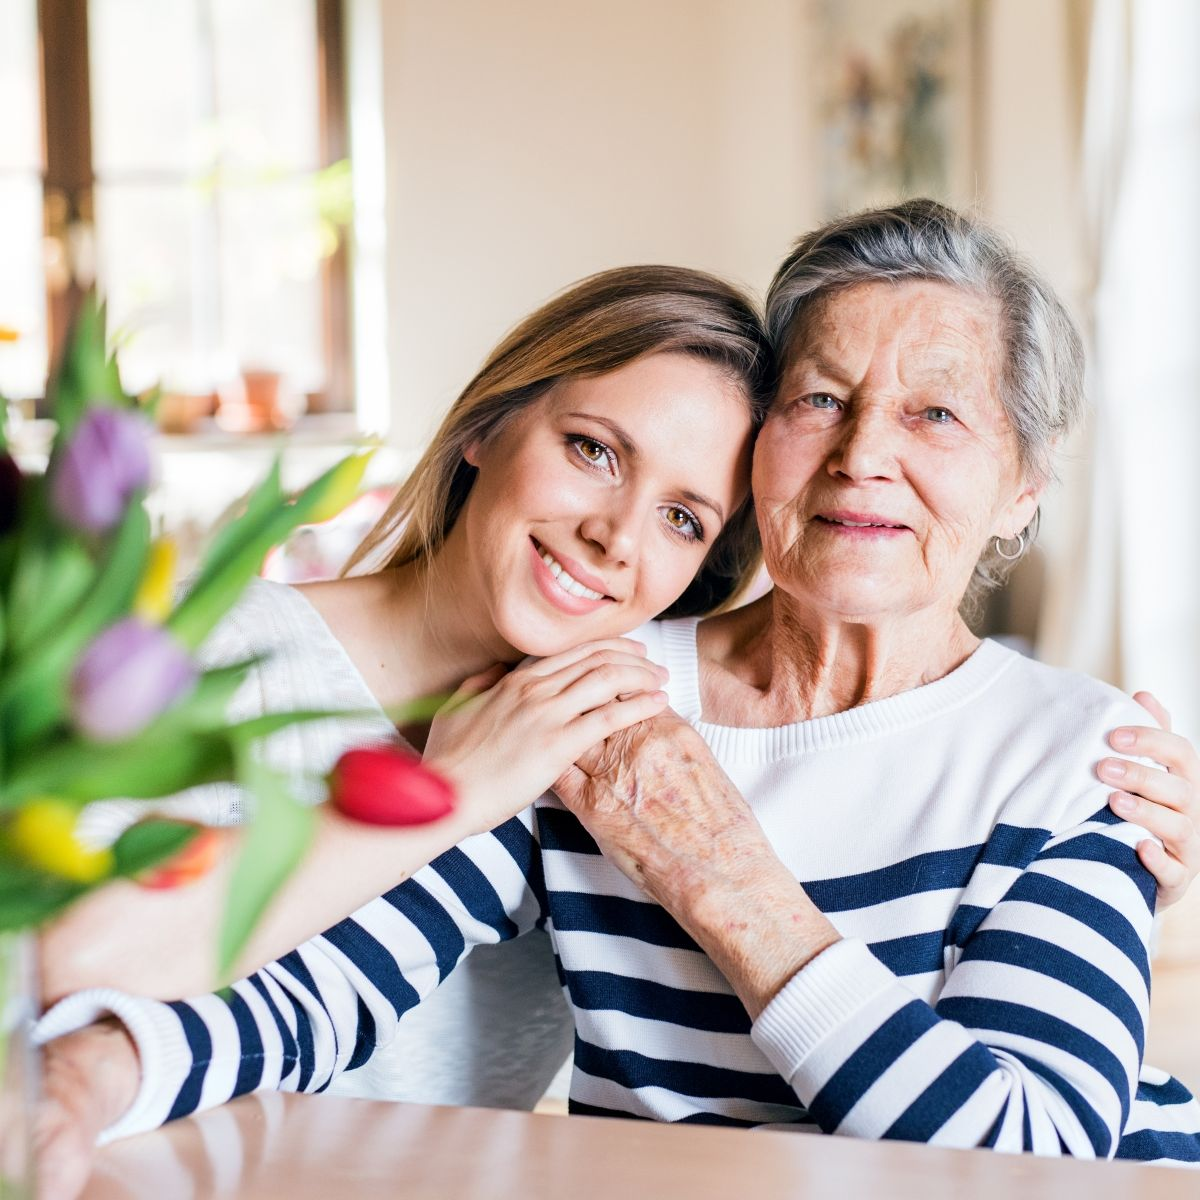 życzenia Na Dzień Babci I Dzień Dziadka Polki Video